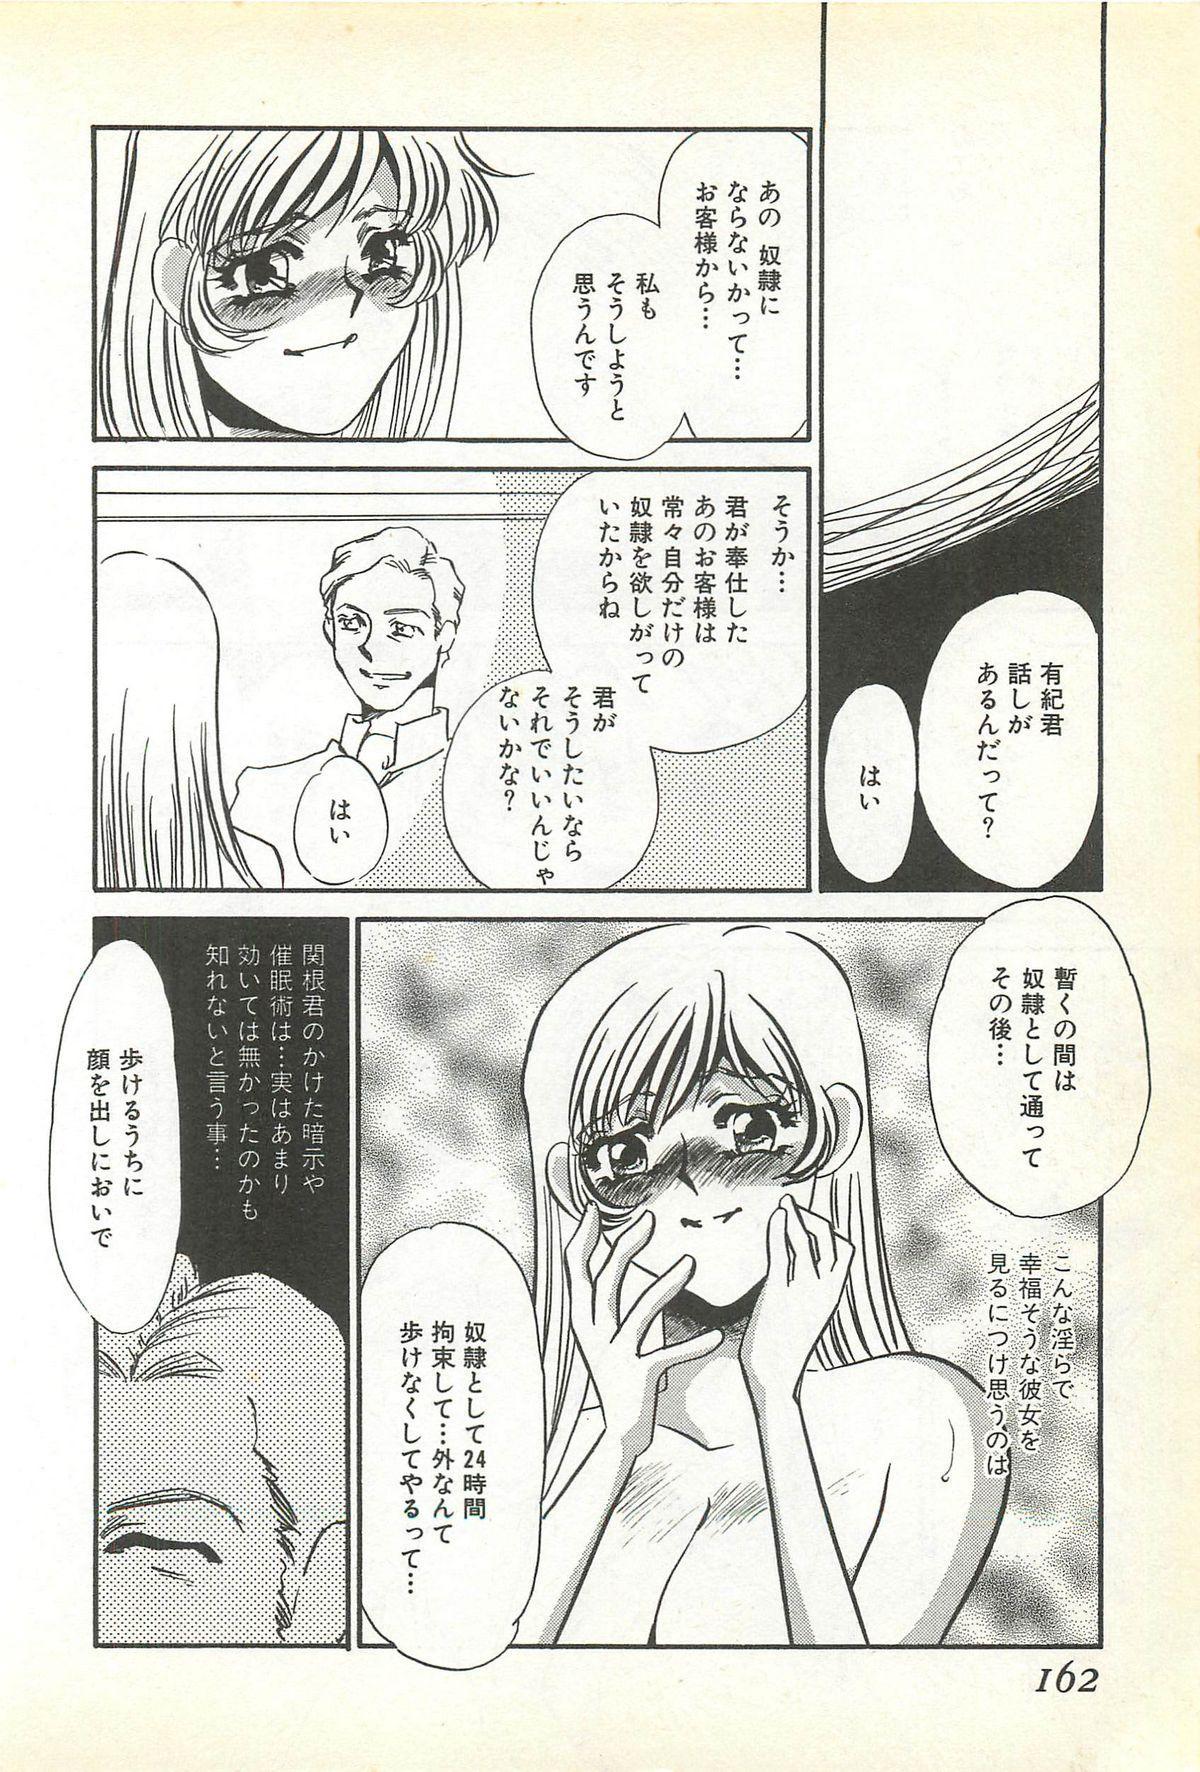 Chigyaku no Heya - A Shameful Punishment Room 157